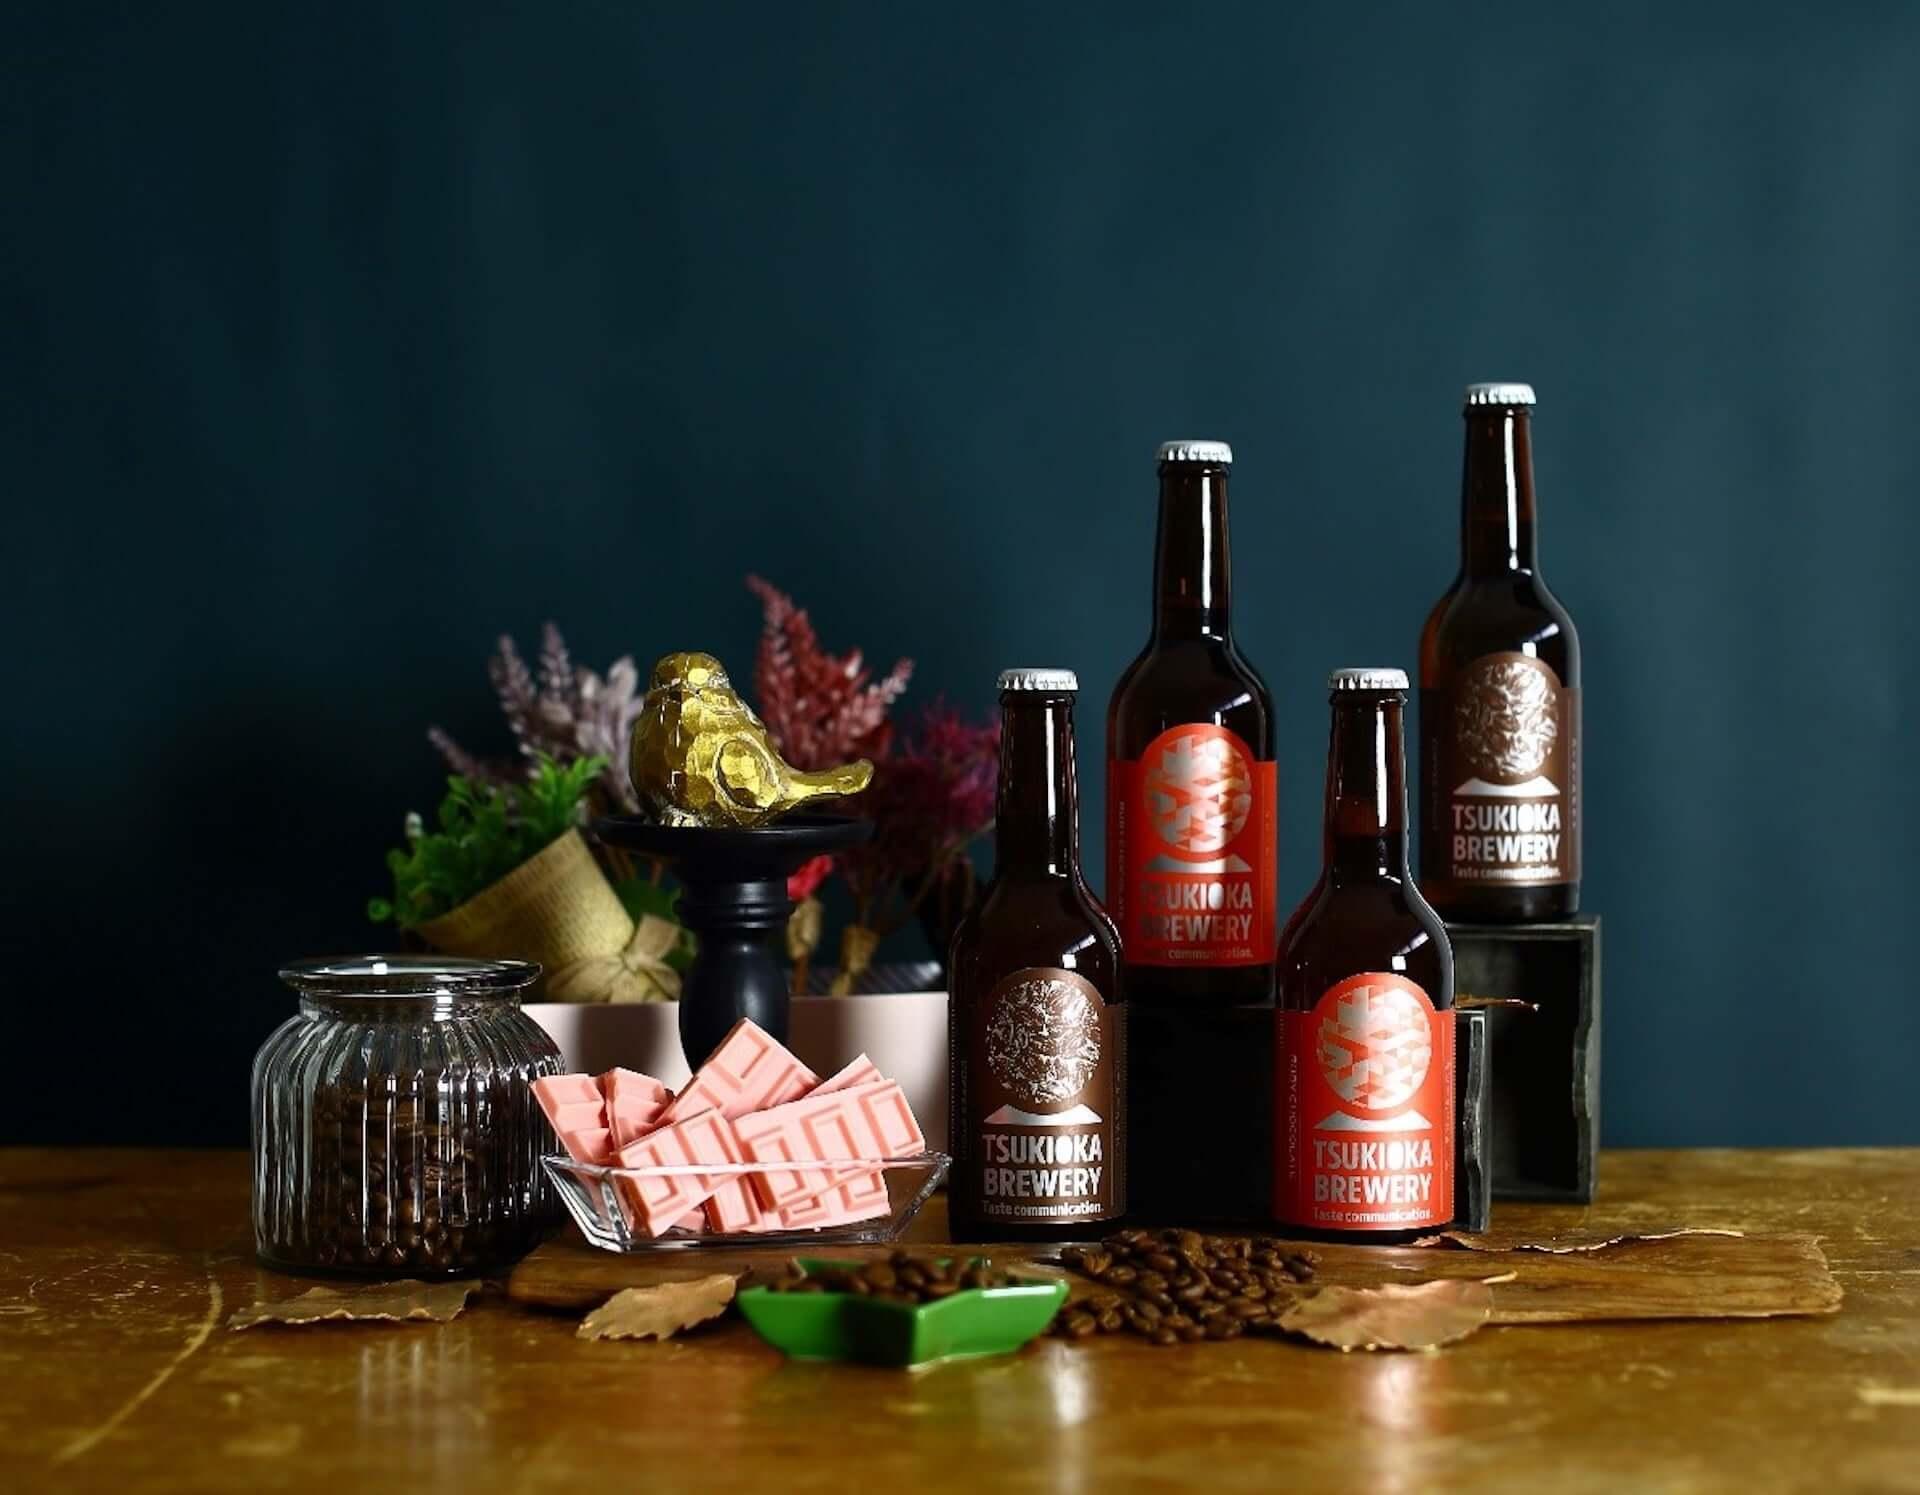 """第4のチョコレート""""ルビーチョコレート""""×クラフトビール!「TSUKIOKA BREWERY」から500本限定のビール2種が新発売 gourmet210119_tsukioka-brewery_3-1920x1495"""